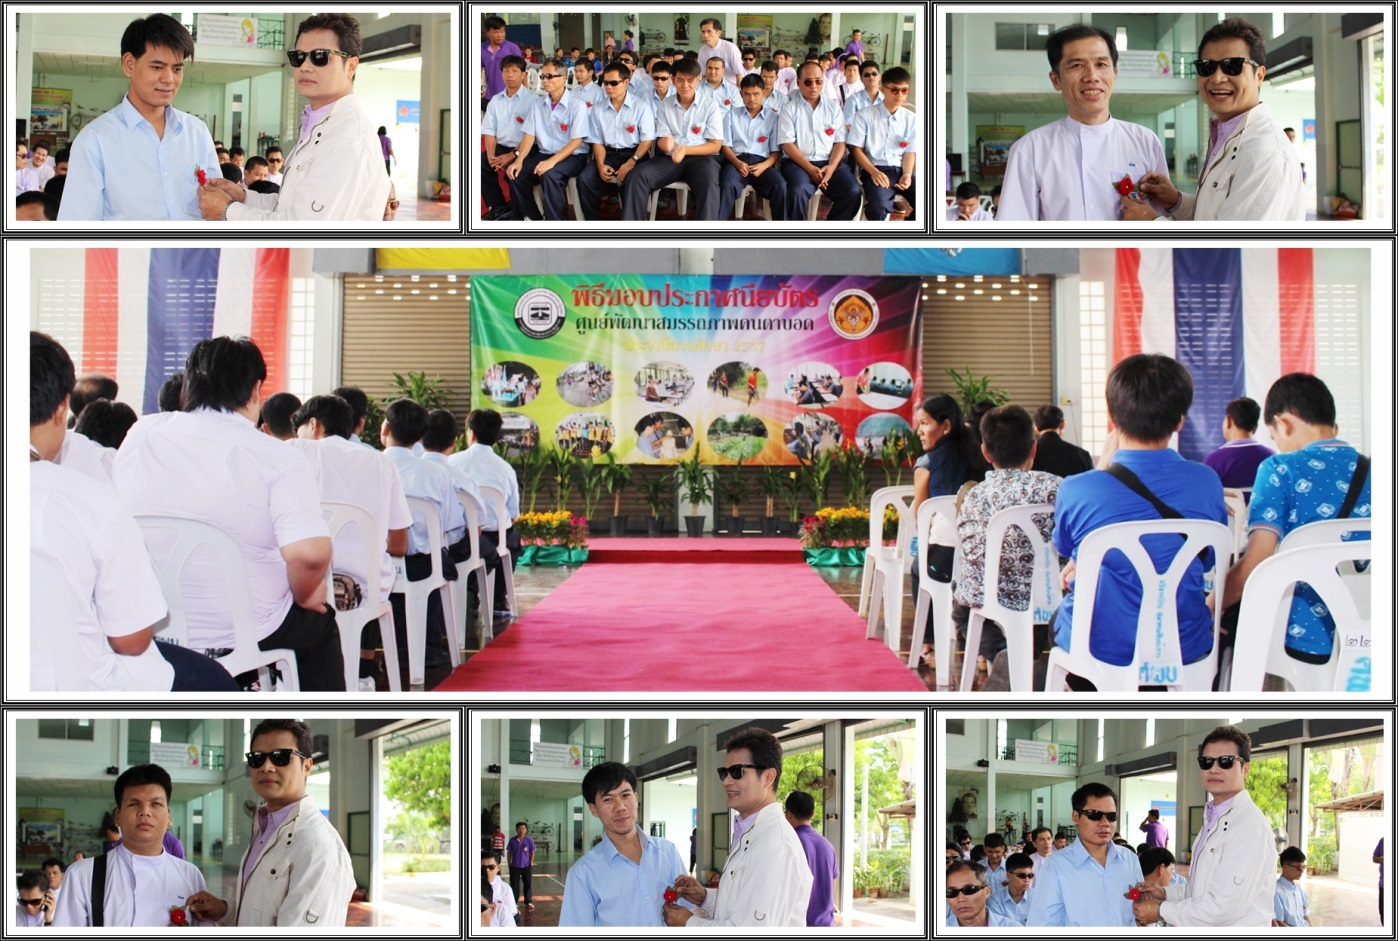 EN_งานแสดงความยินดีกับนักศึกษาที่สำเร็จการศึกษาจากศูนย์พัฒนาสมรรถภาพ